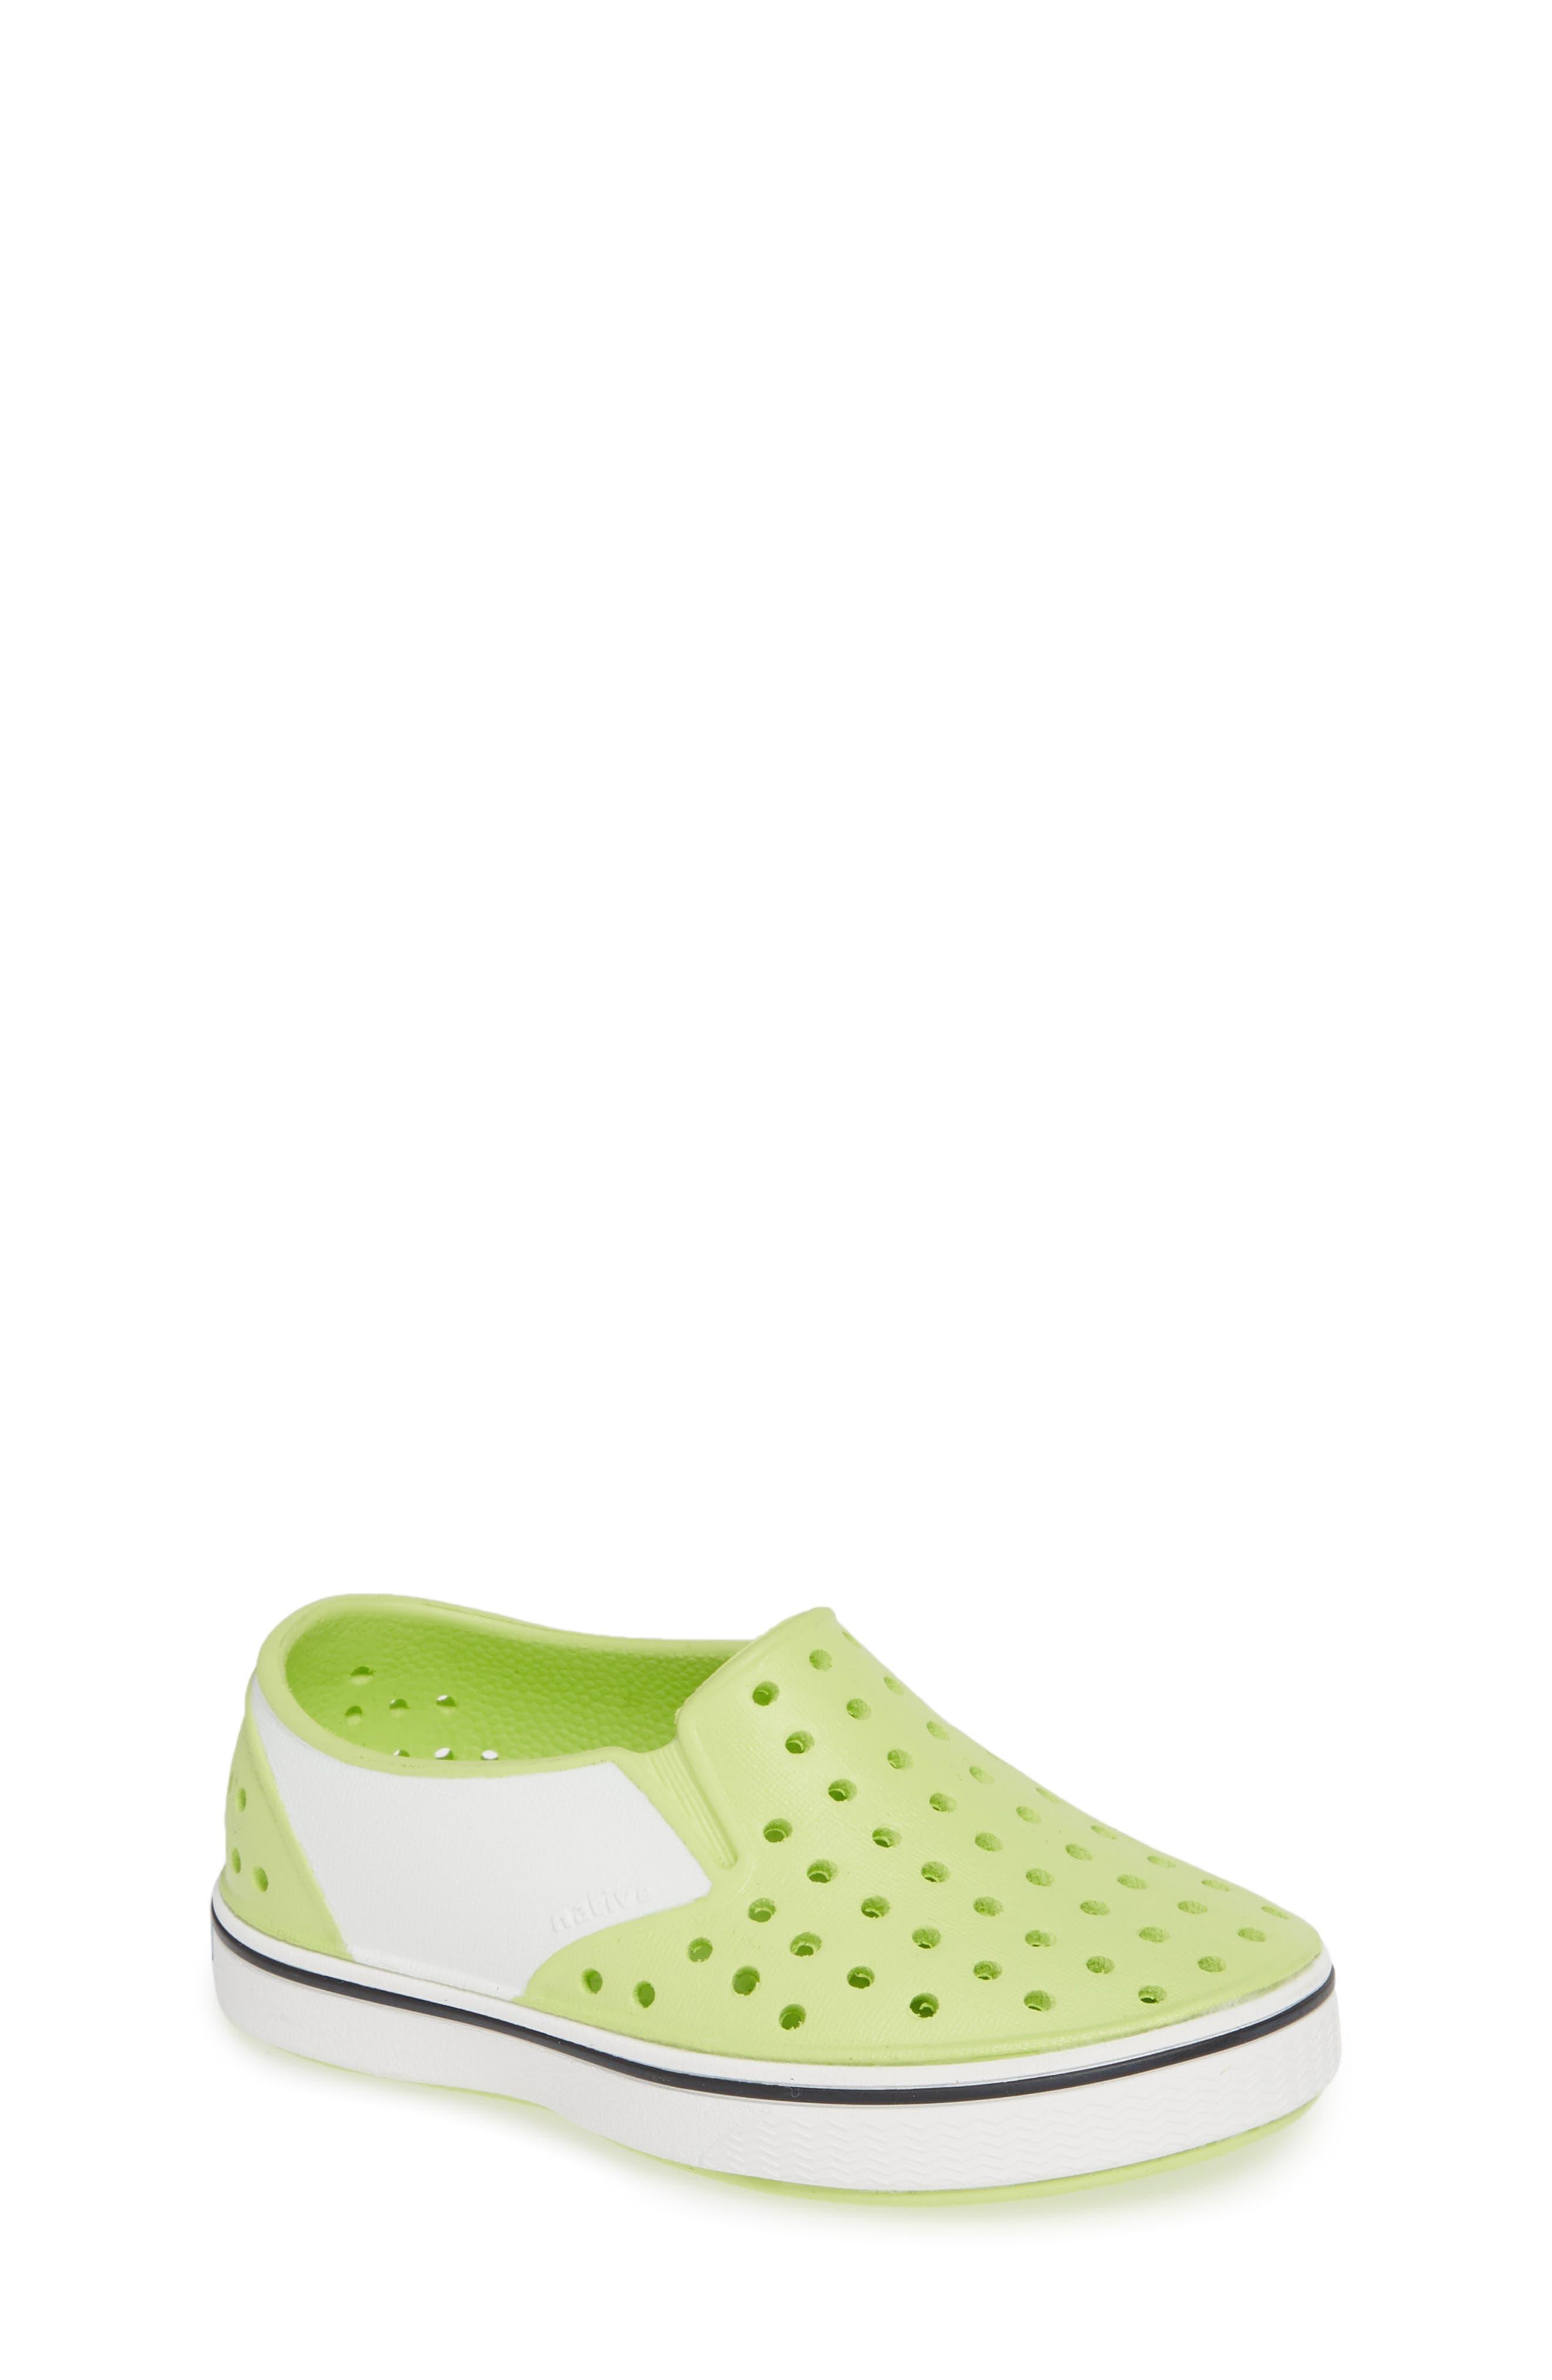 Image of Native Miles Colorblock Slip-On Vegan Sneaker